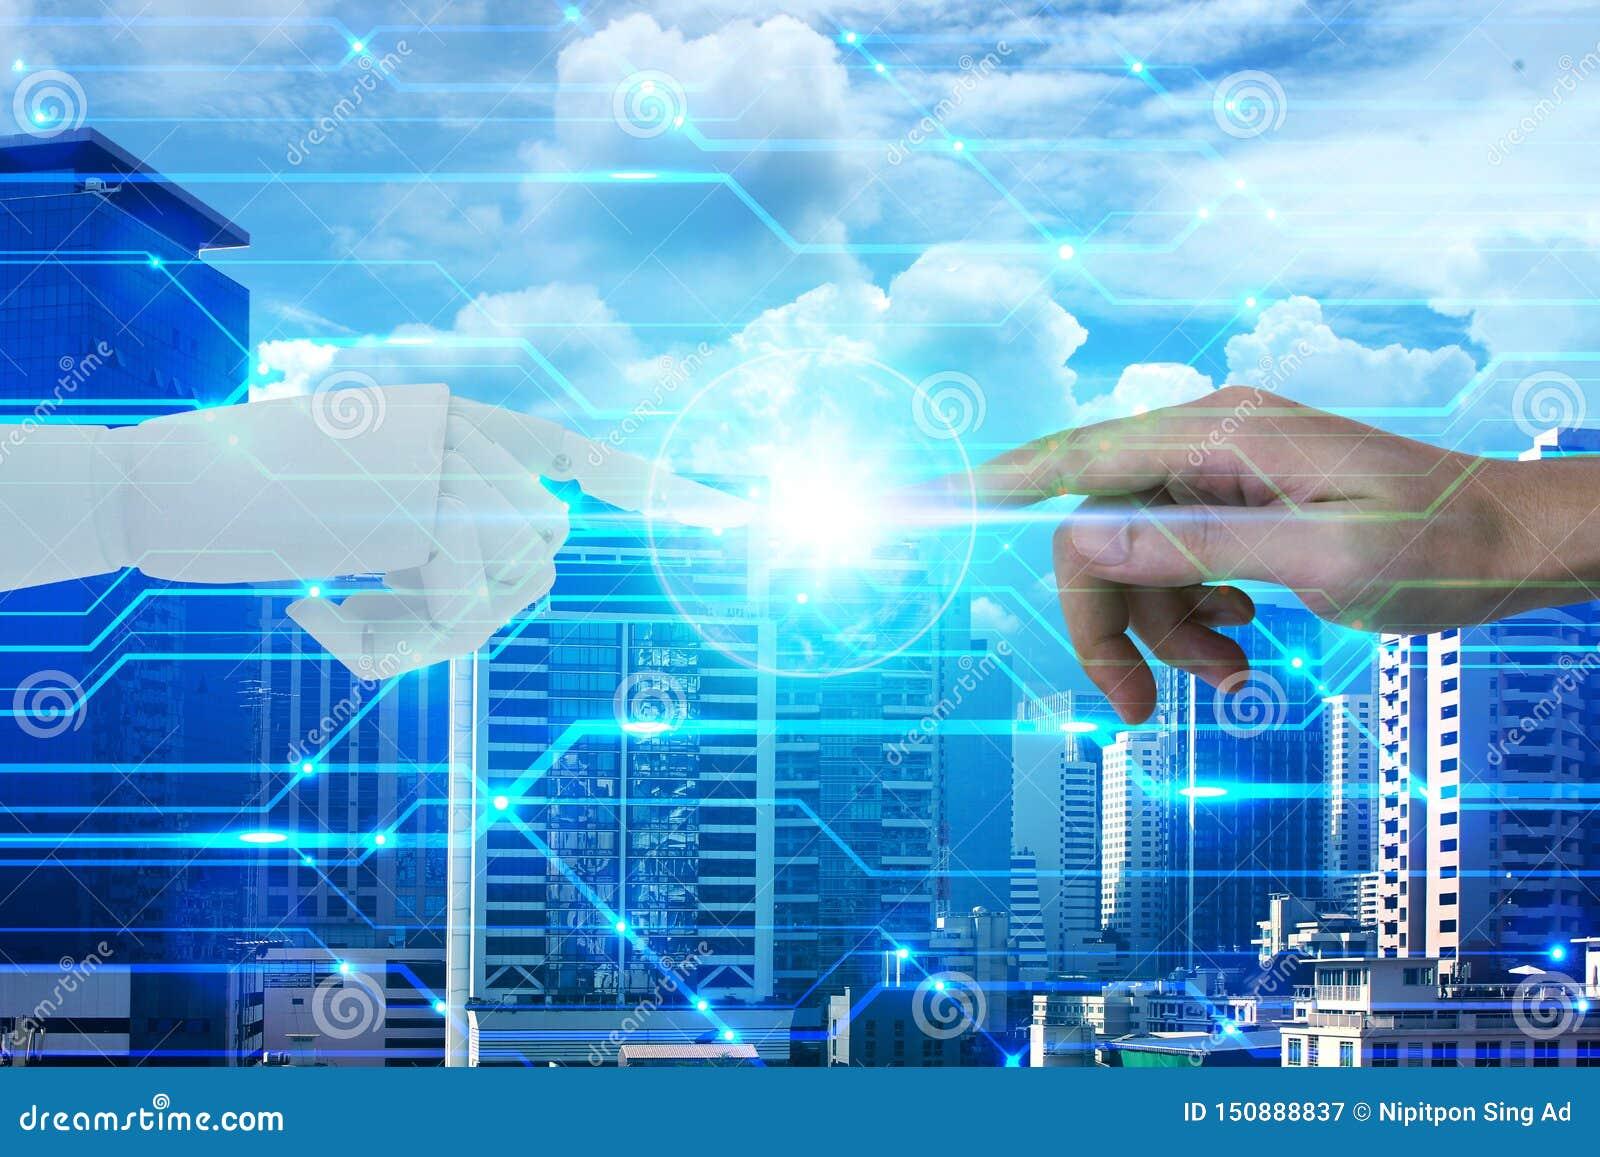 机器人和人的手有接触的在城市背景,人工智能和技术生态概念